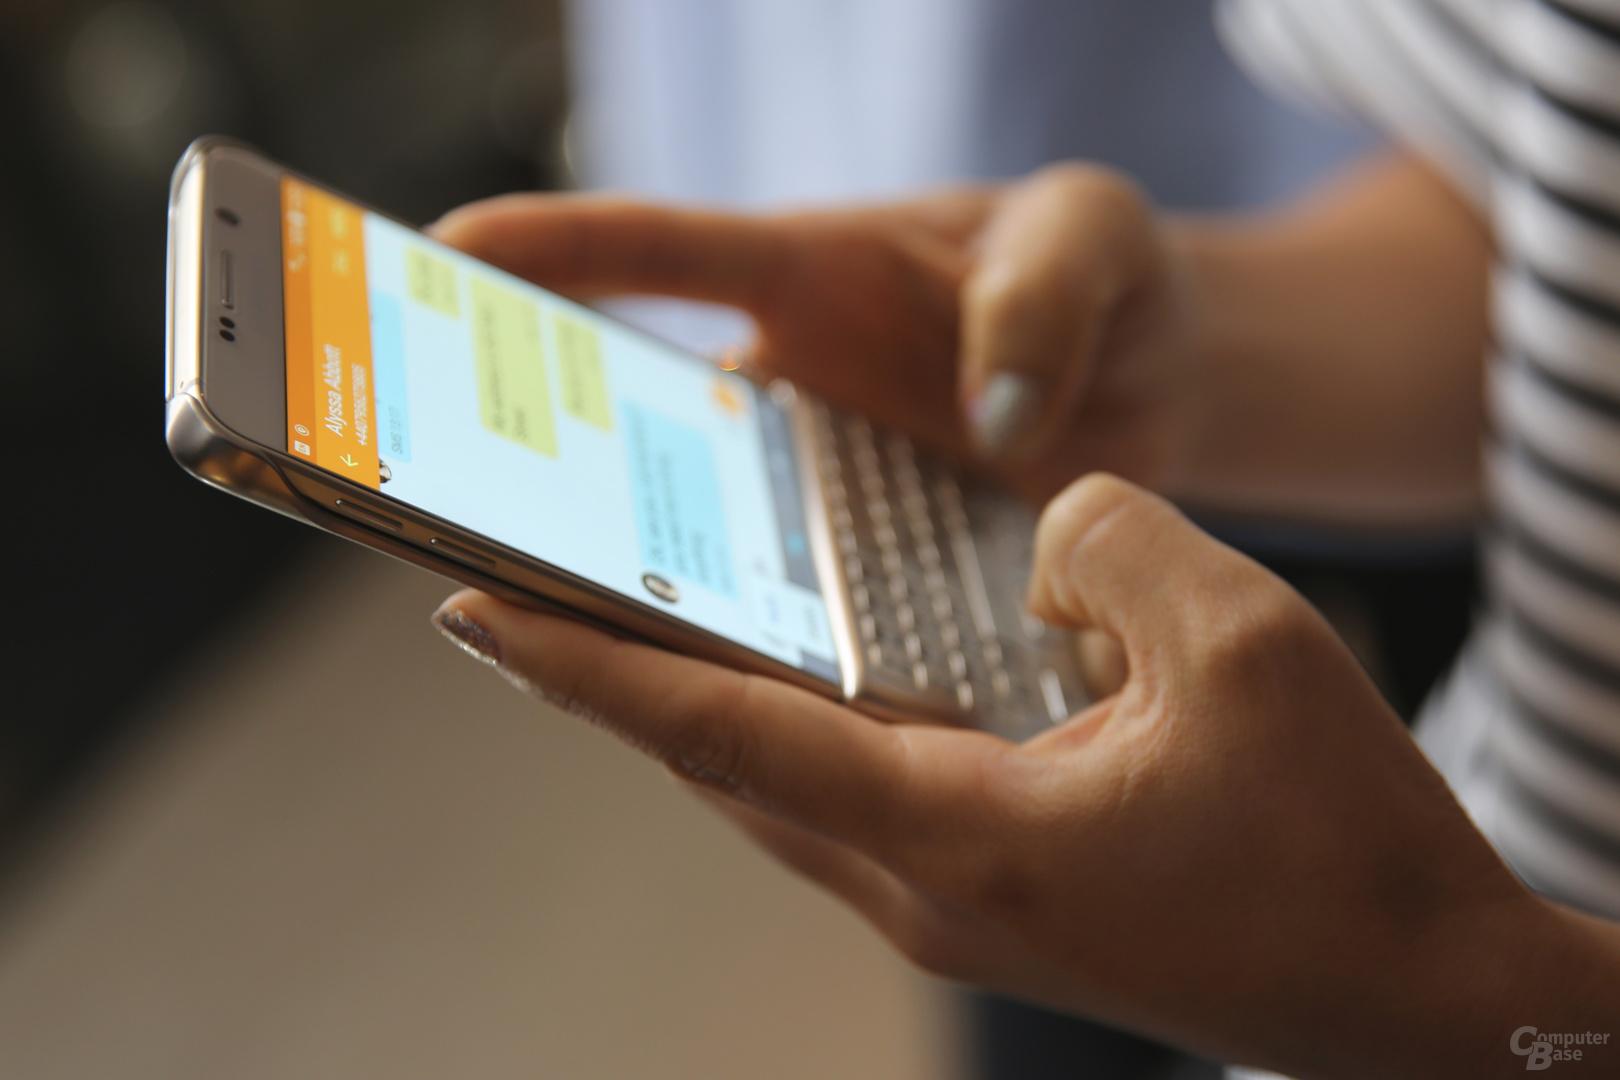 Interessantes Zubehör wie eine auf das Display steckbare Tastatur